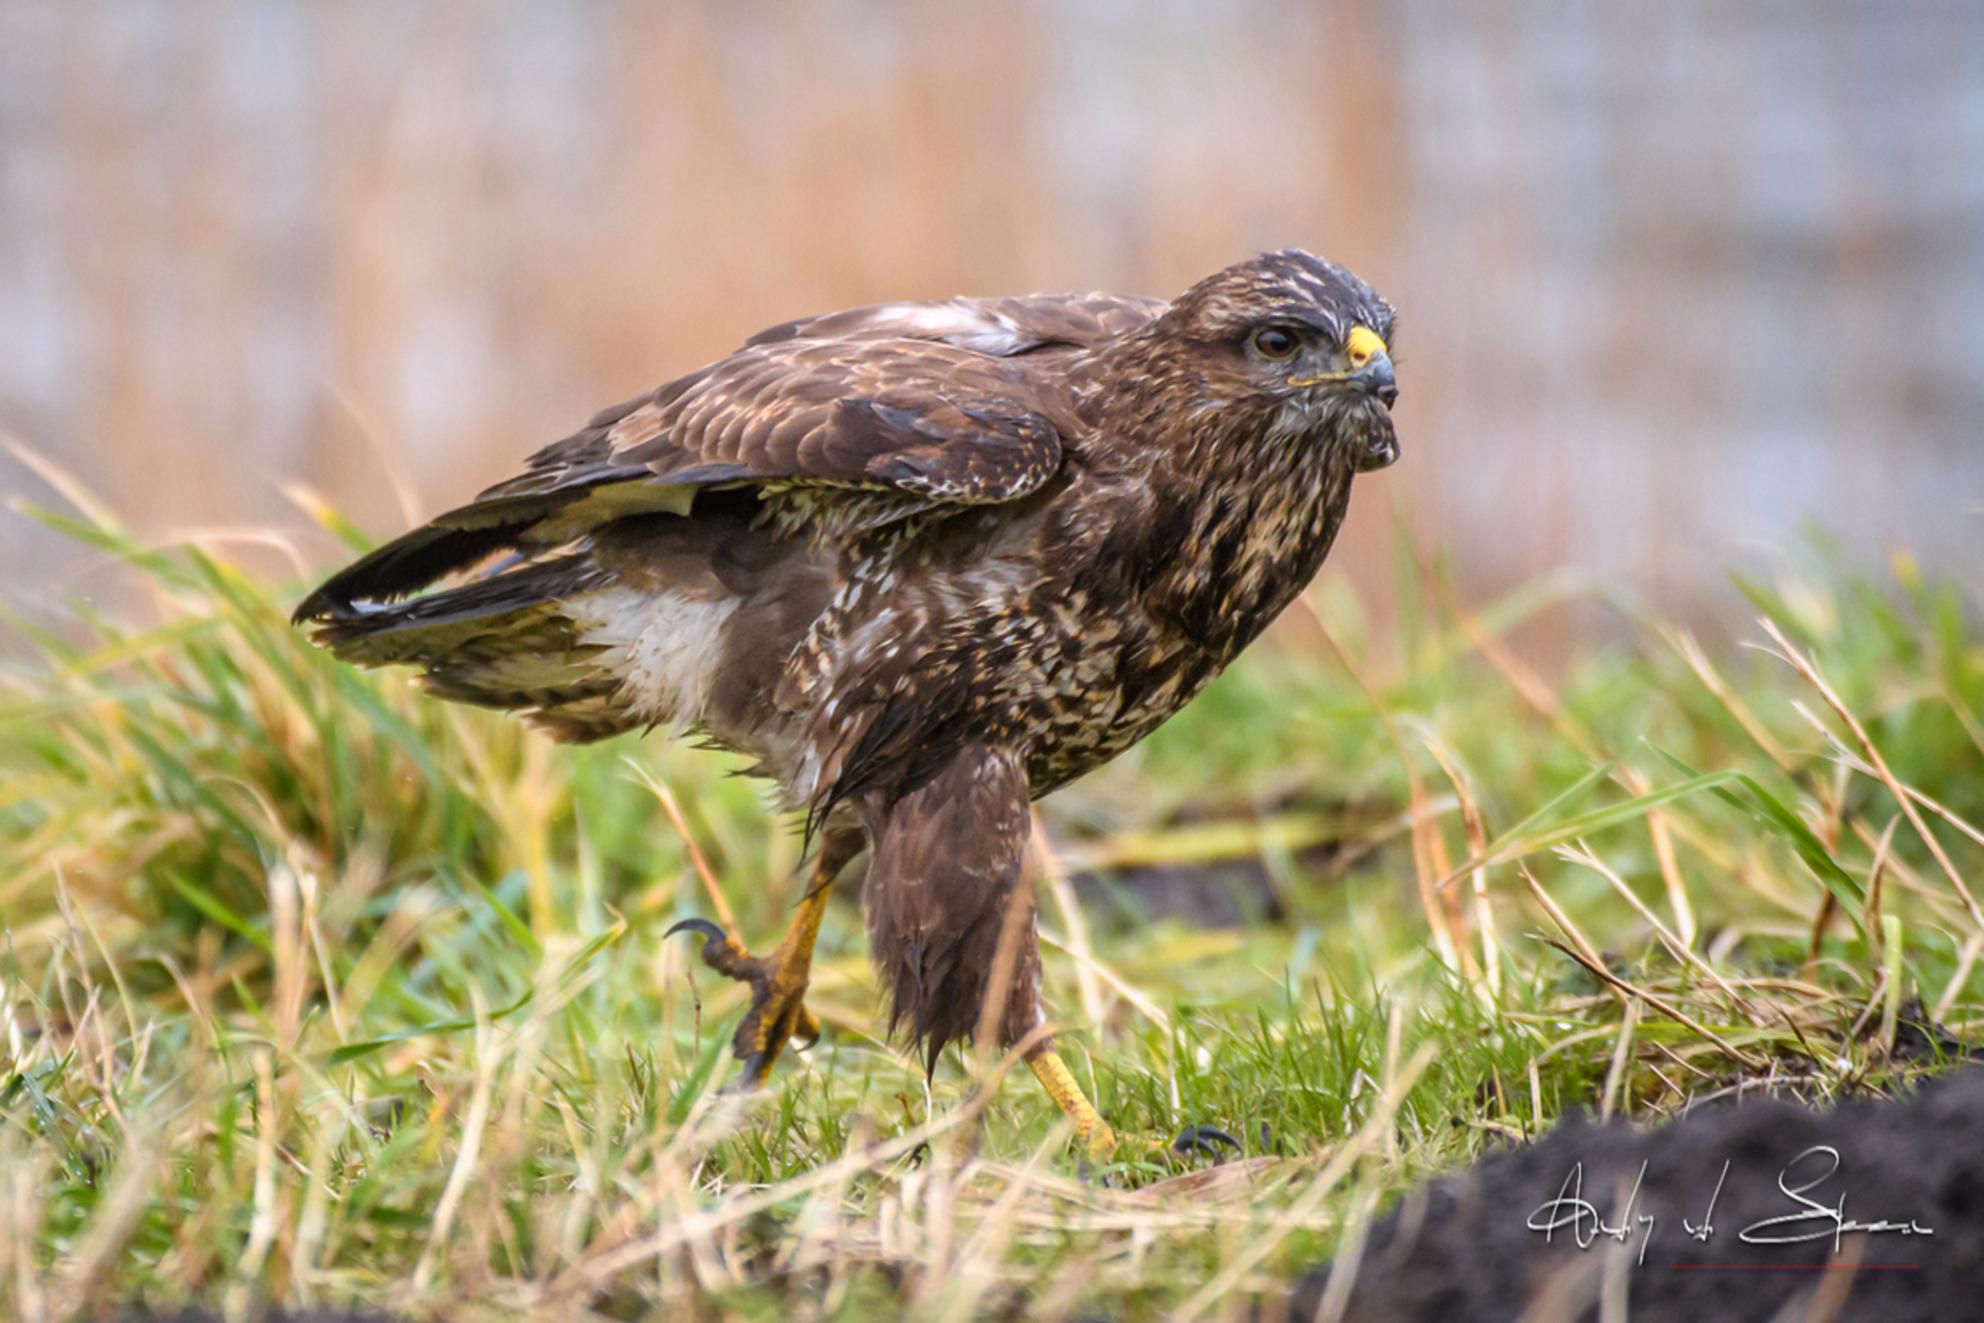 buizerd - - - foto door AndyvdSteen op 28-02-2021 - deze foto bevat: natuur, dieren, vogel, buizerd, wildlife - Deze foto mag gebruikt worden in een Zoom.nl publicatie